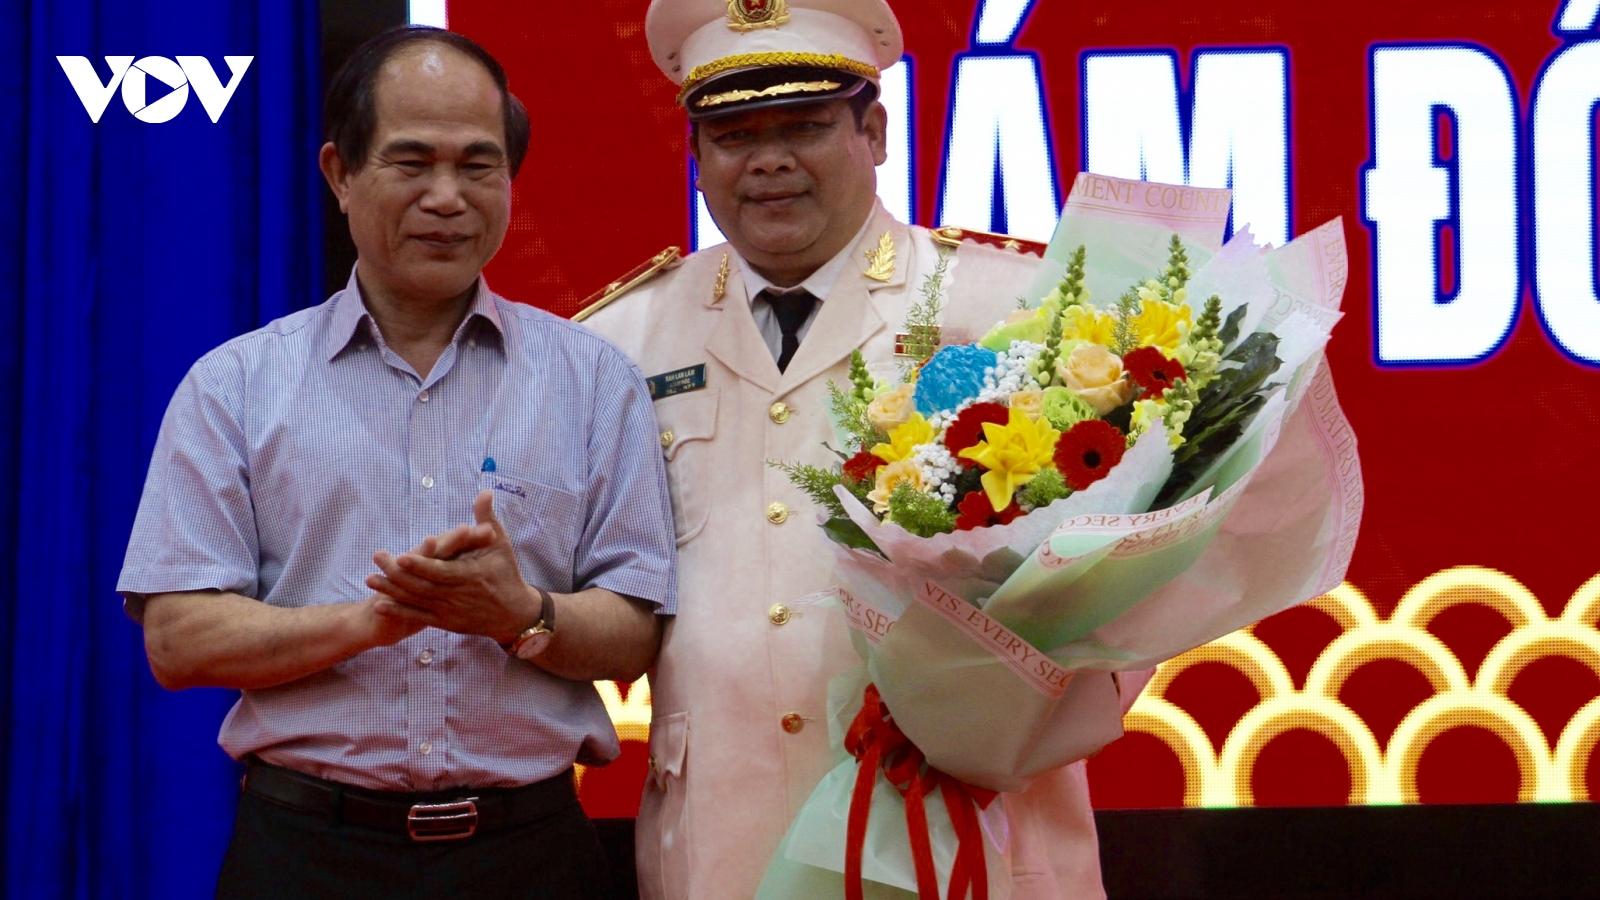 Giám đốc Công an tỉnh Gia Lai được phong quân hàm Thiếu tướng